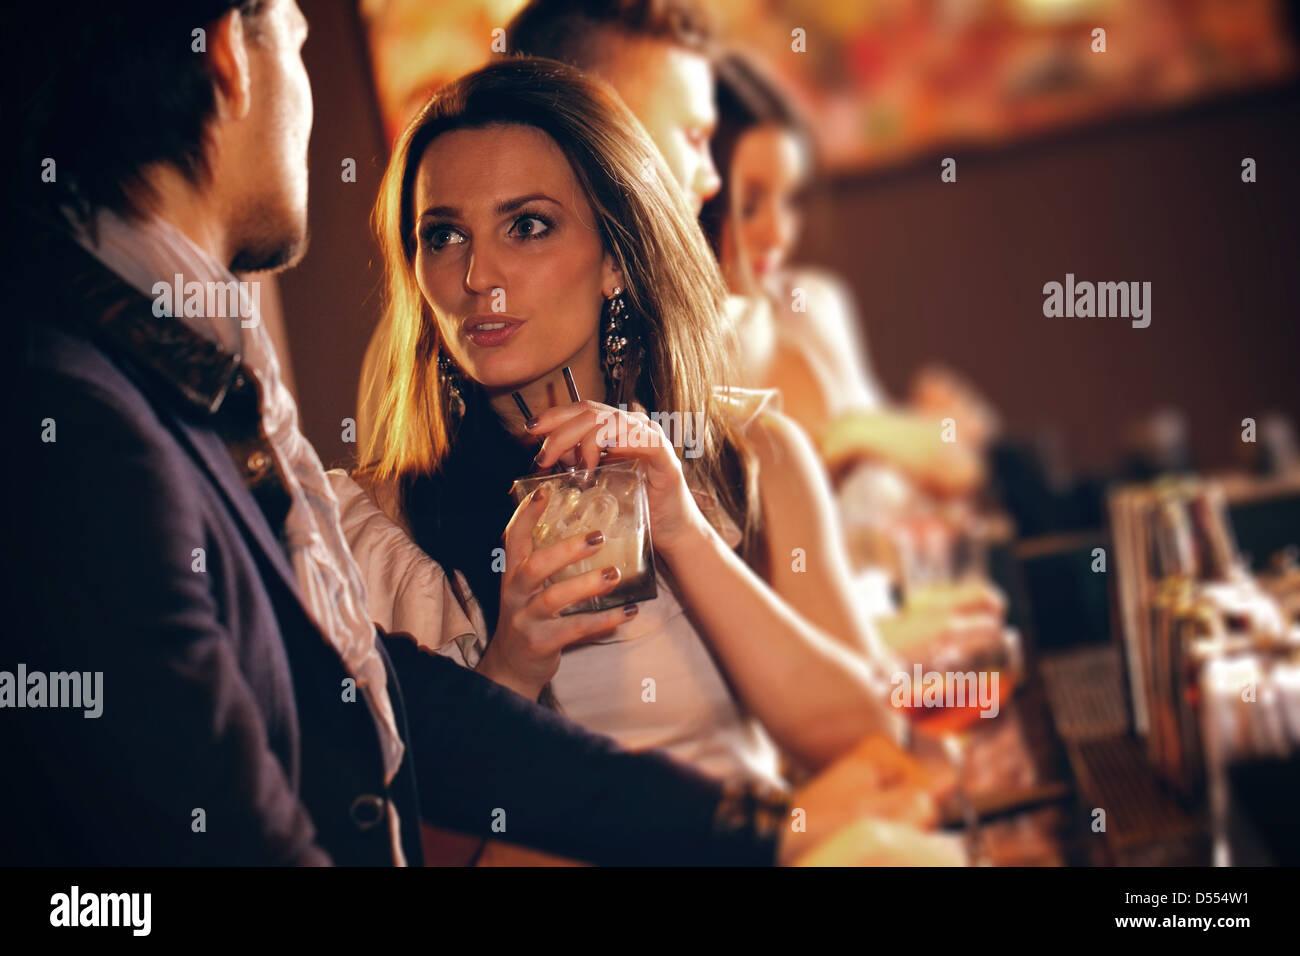 Junge Frau mit einem Glas Wein im Gespräch mit einem Mann an der bar Stockbild